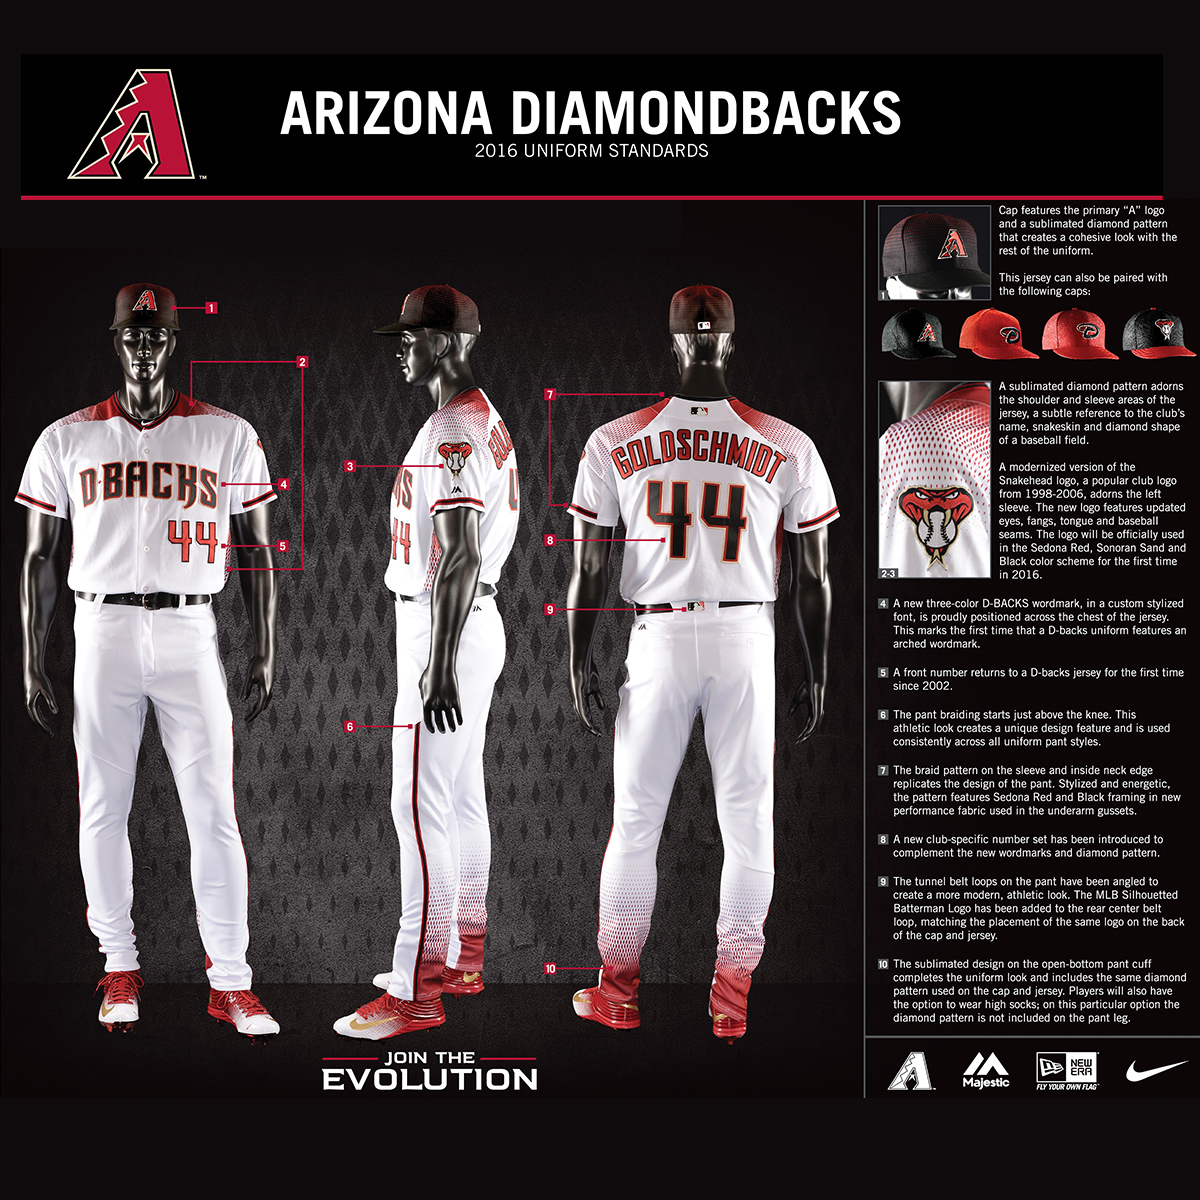 diamondbacks uniform colors